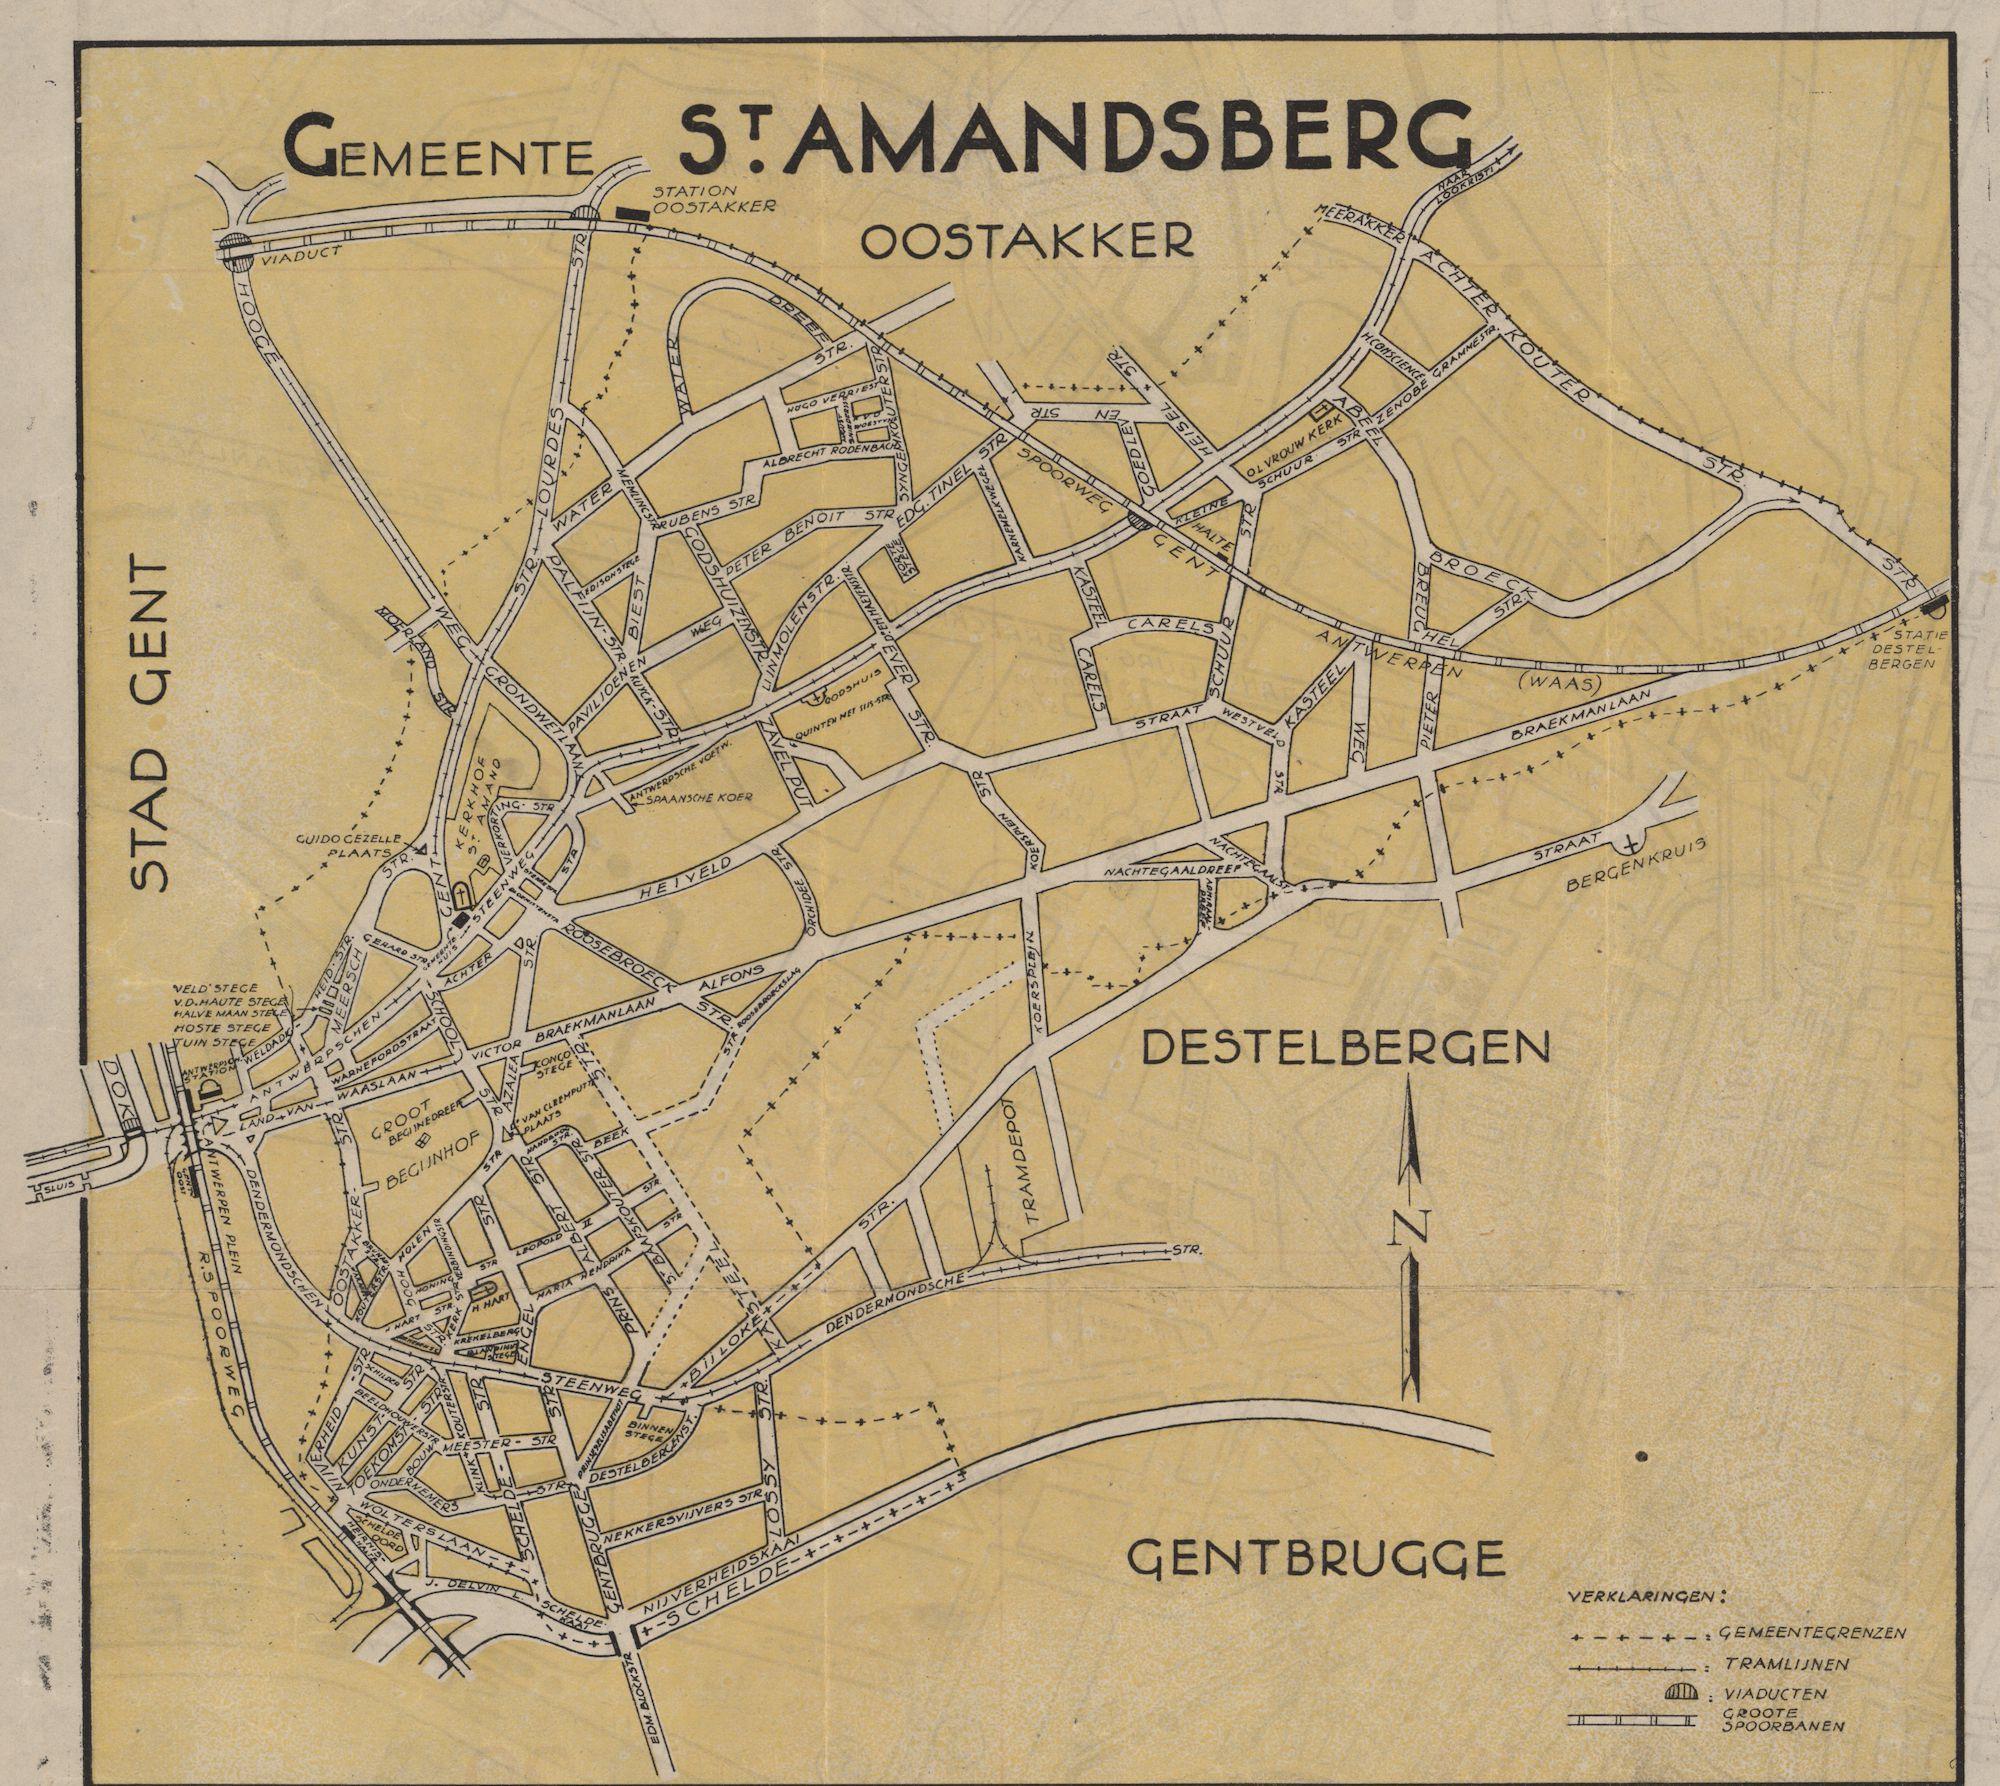 Kaart van de gemeente Sint-Amandsberg, c.1950